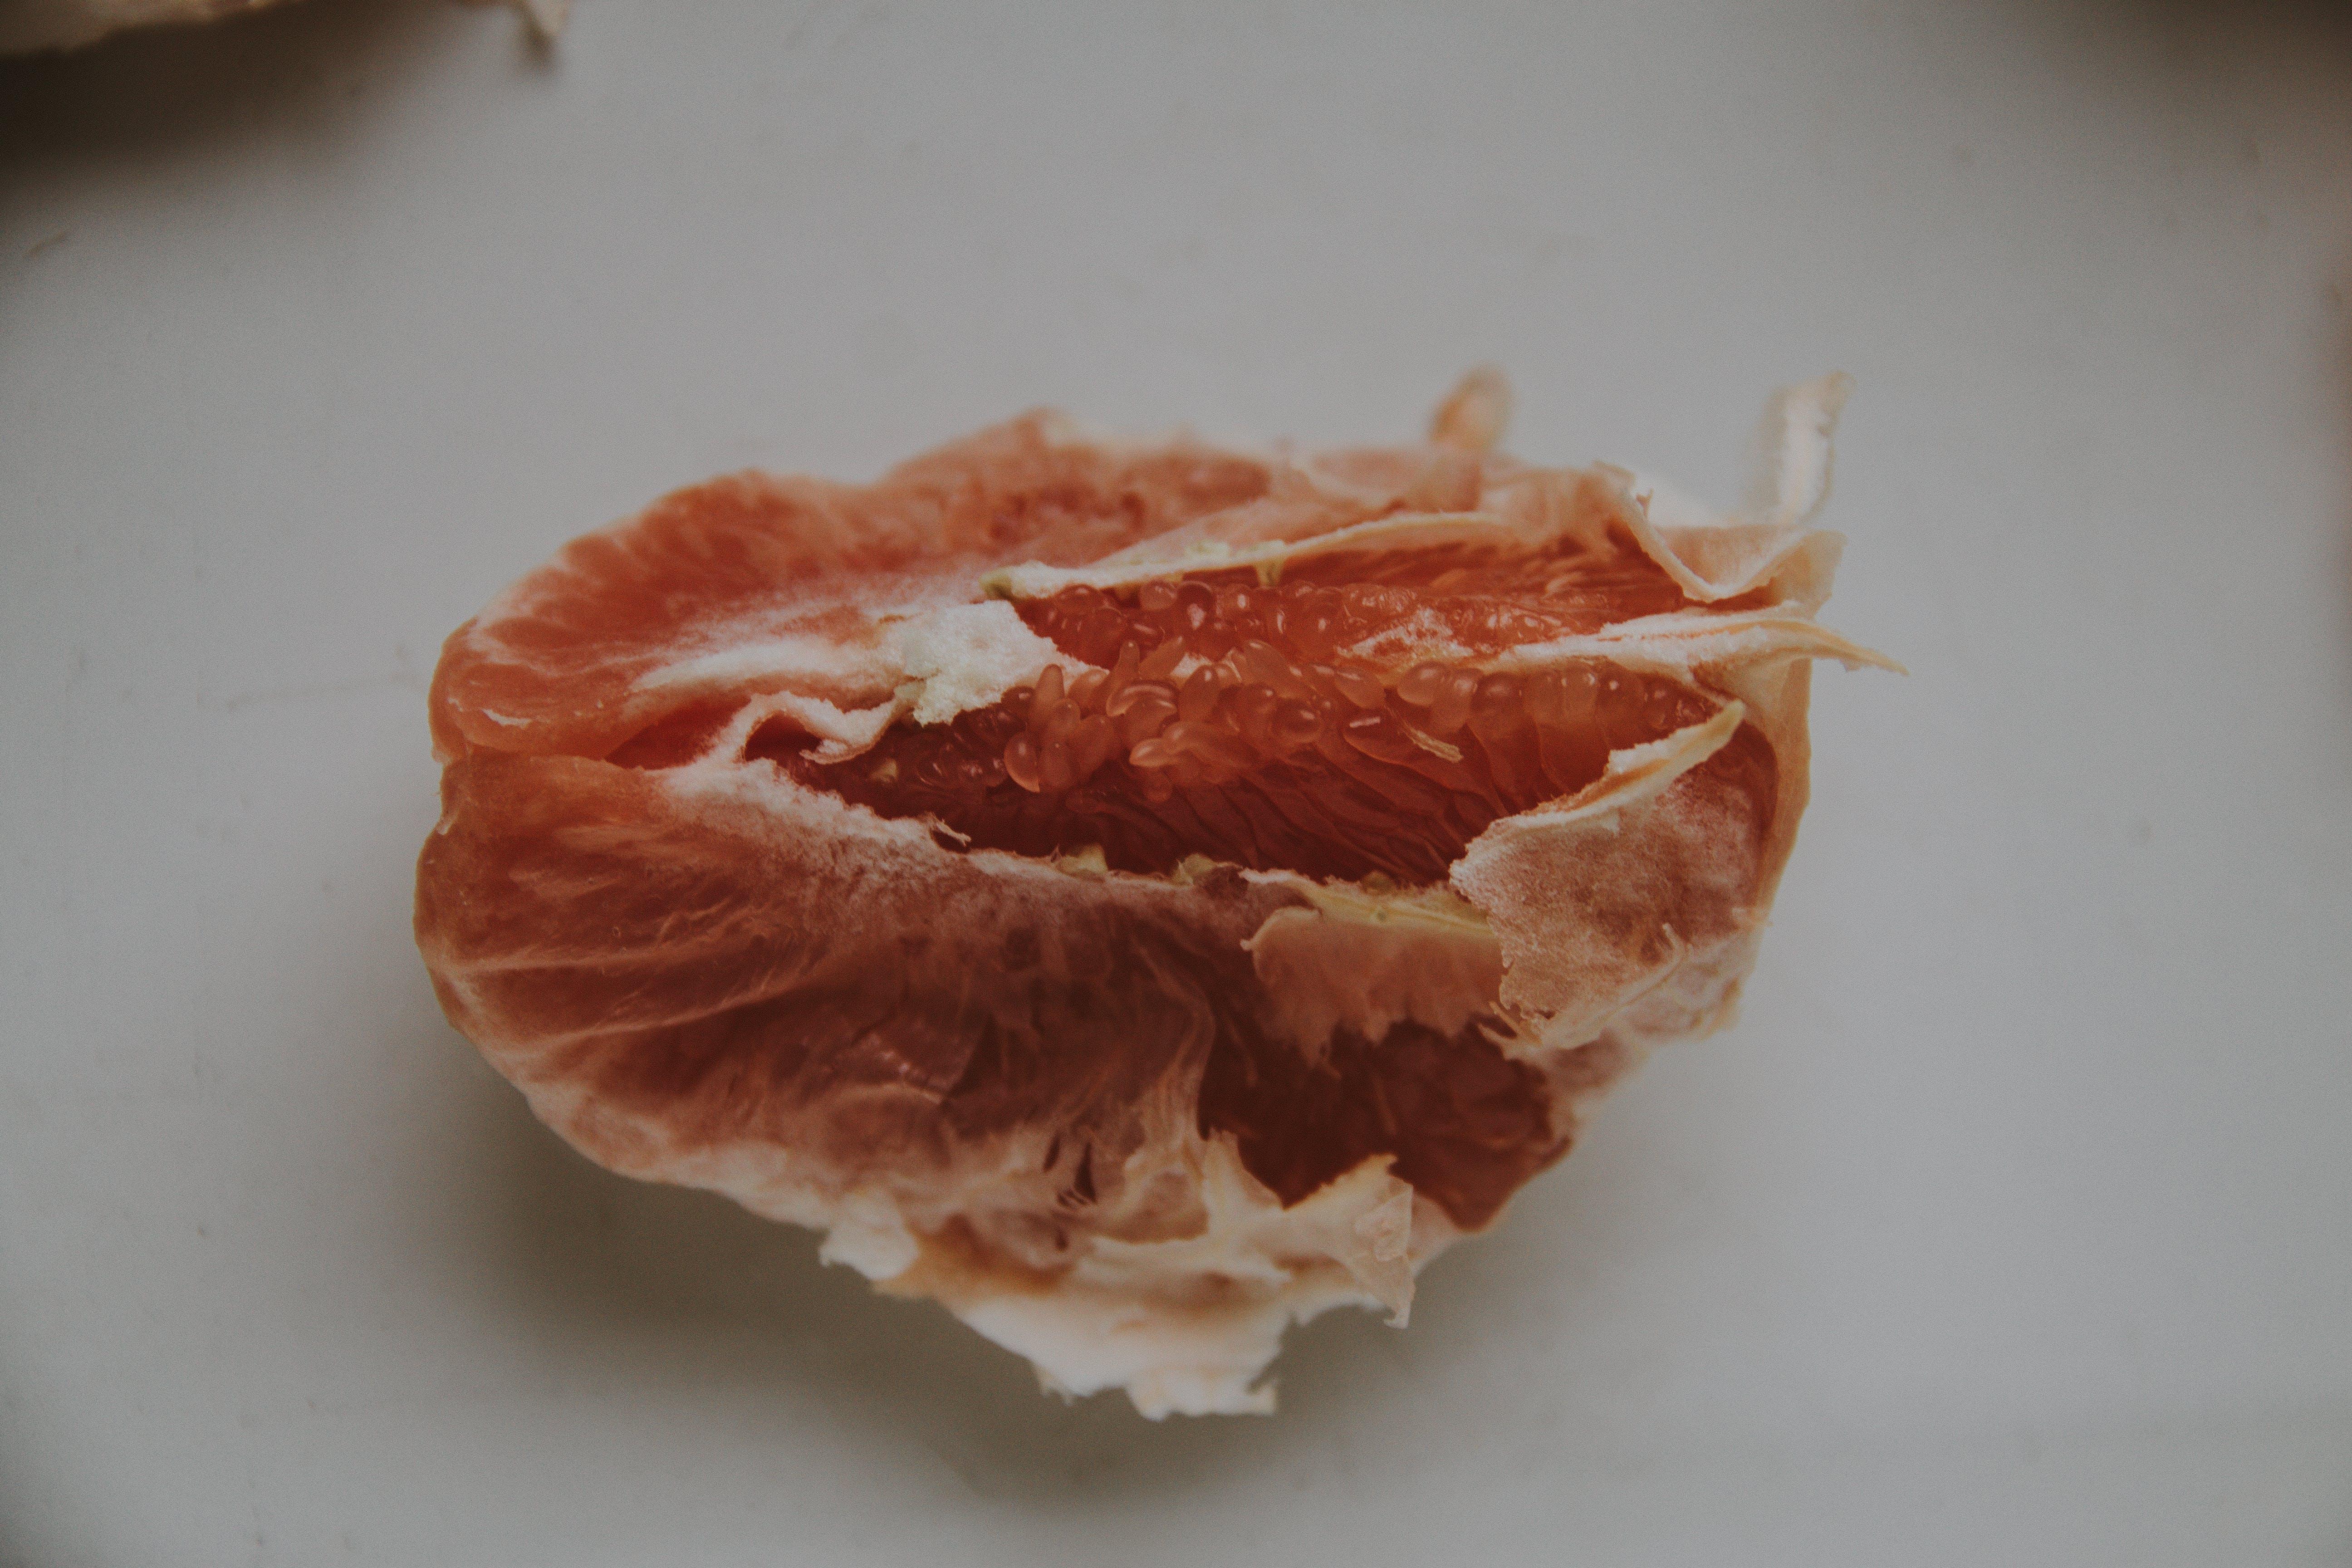 Kostnadsfri bild av citrusfrukt, hälsosam, mat, närbild